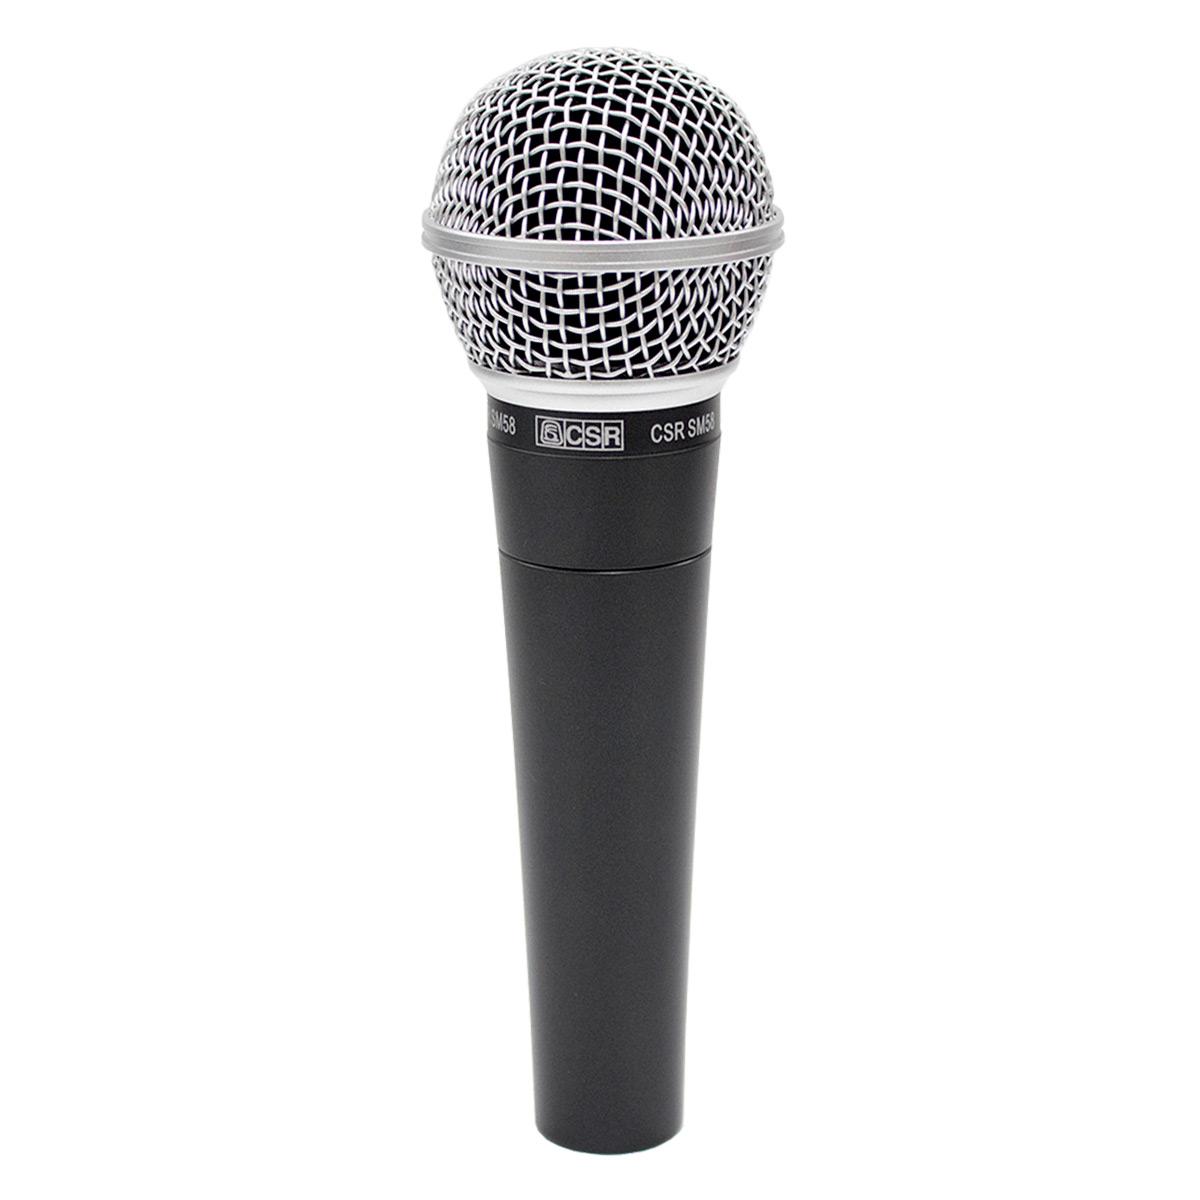 Microfone c/ Fio de Mão Dinâmico - SM 58 CSR